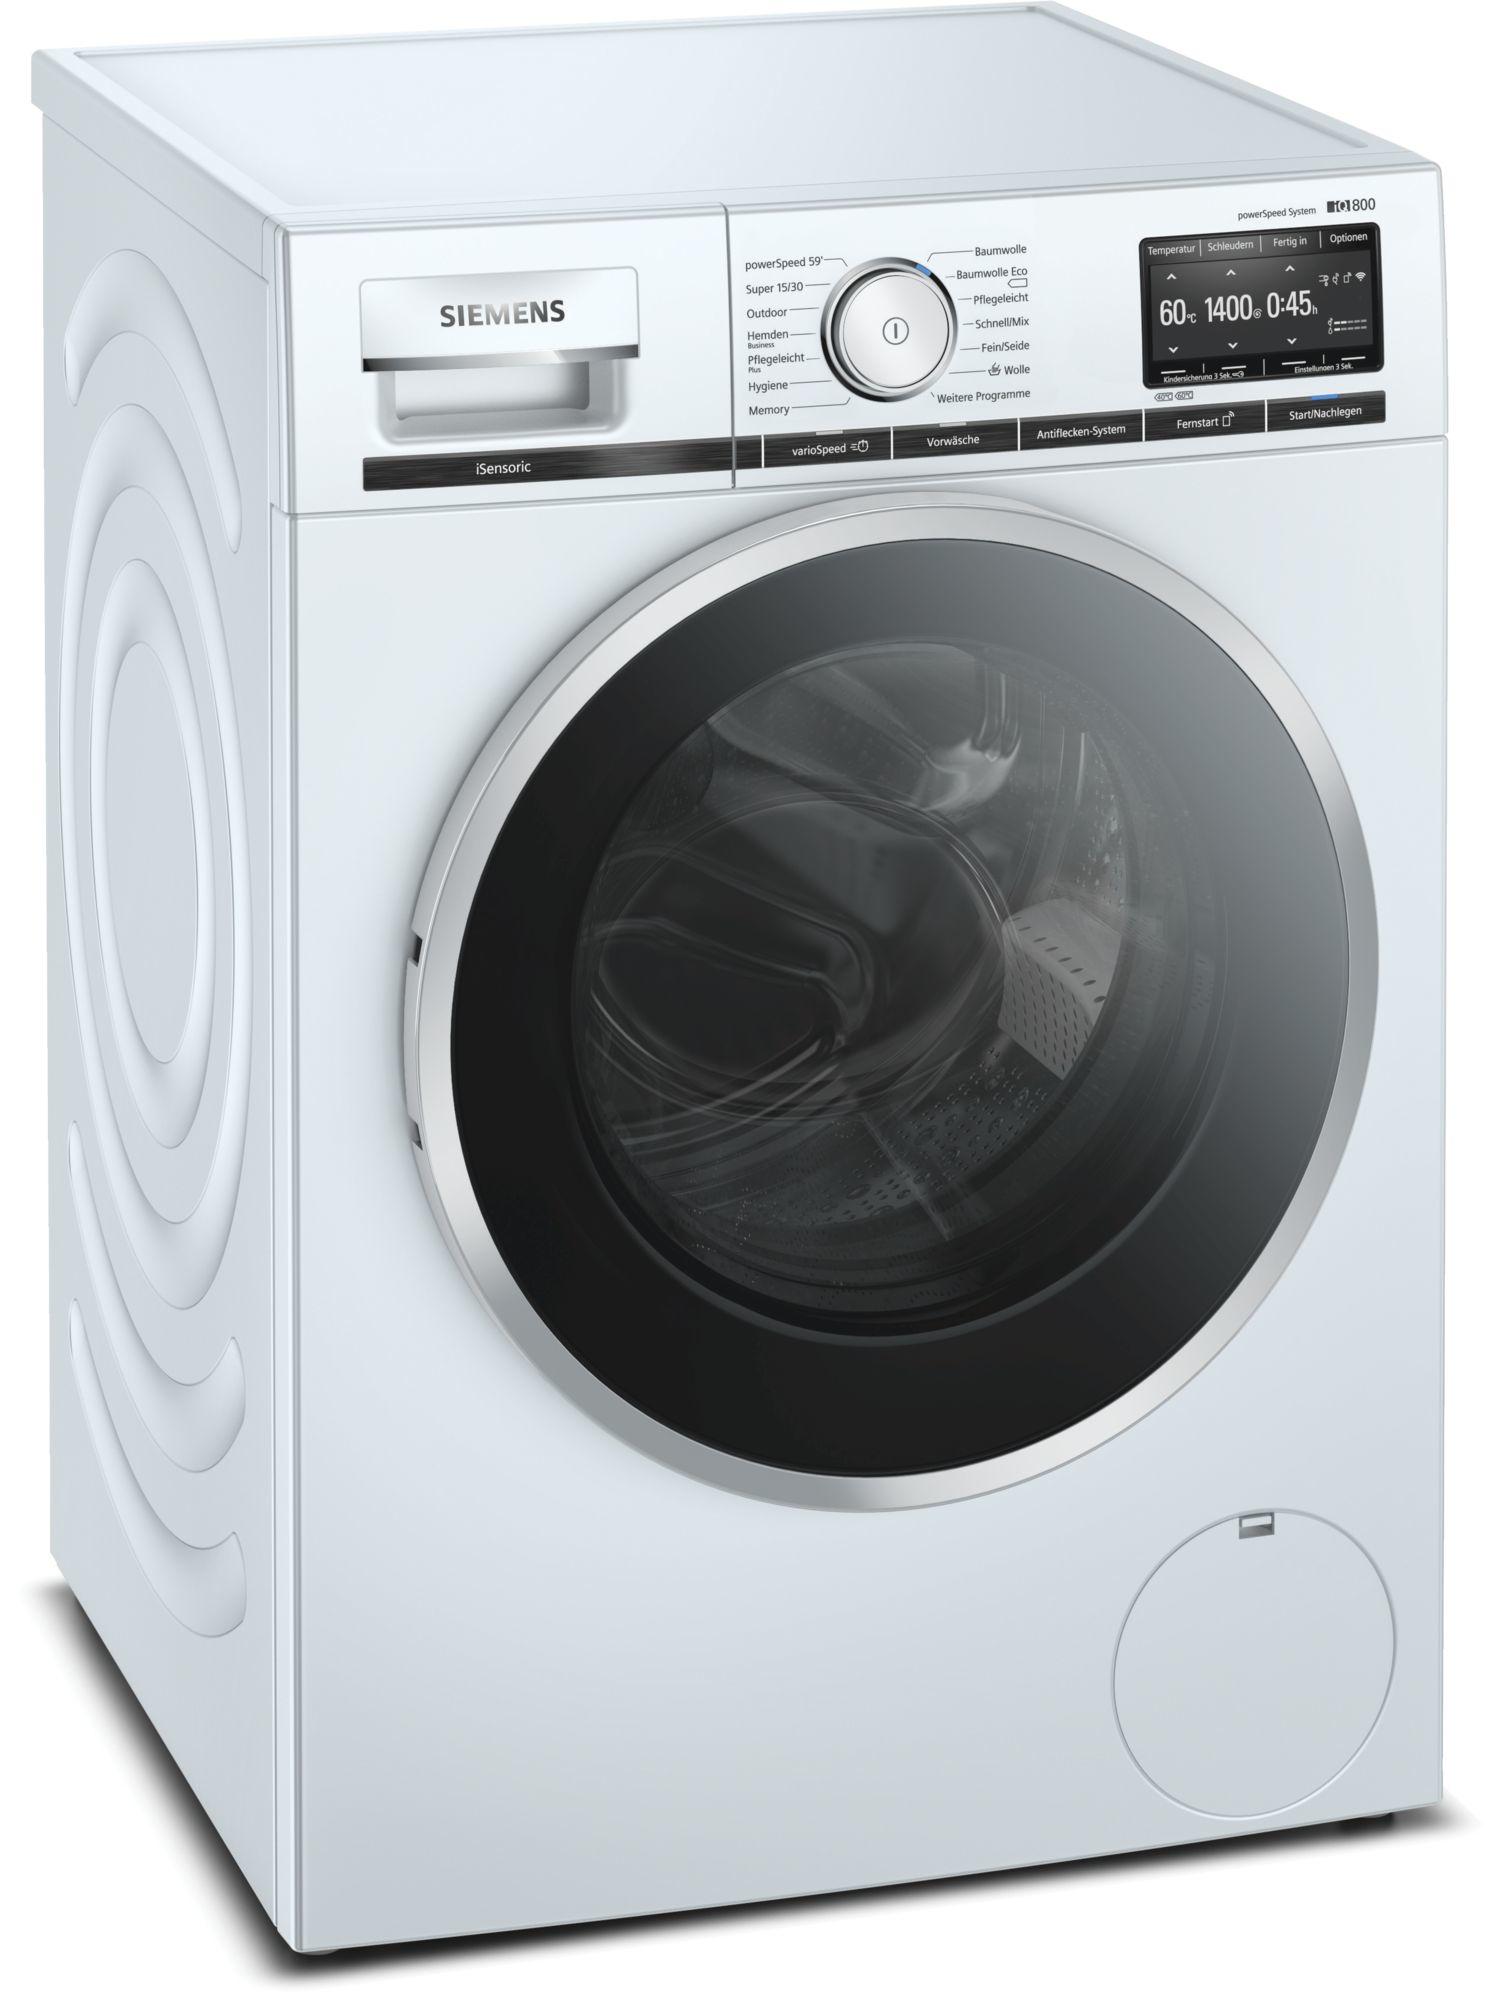 Siemens iQ800 WM14VG40 Waschmaschine, Frontlader, 9kg, 1400 Umin.